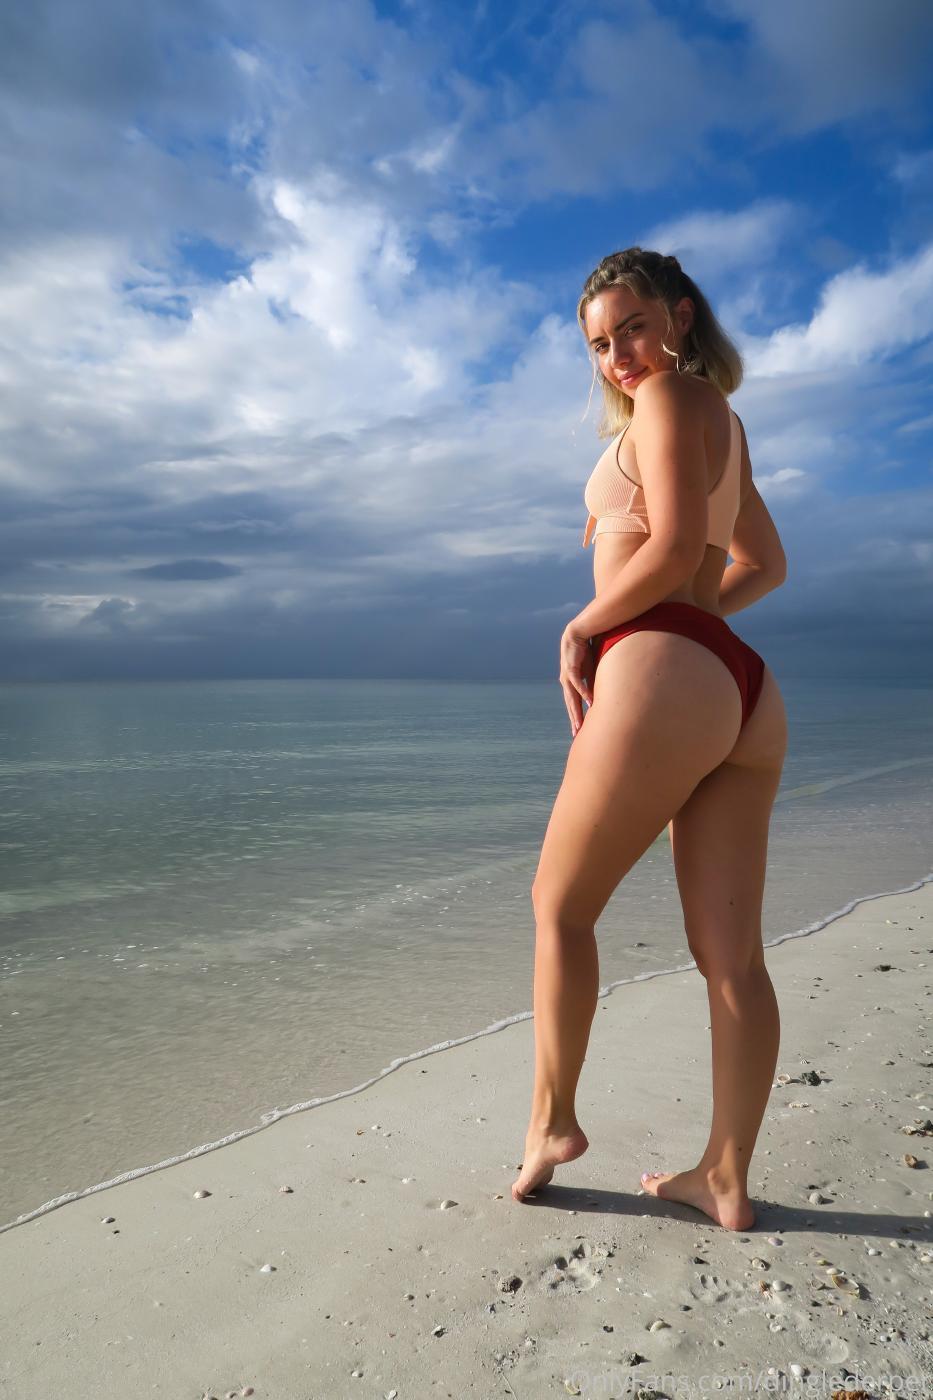 Dinglederper Beach Onlyfans Set Leaked 0006